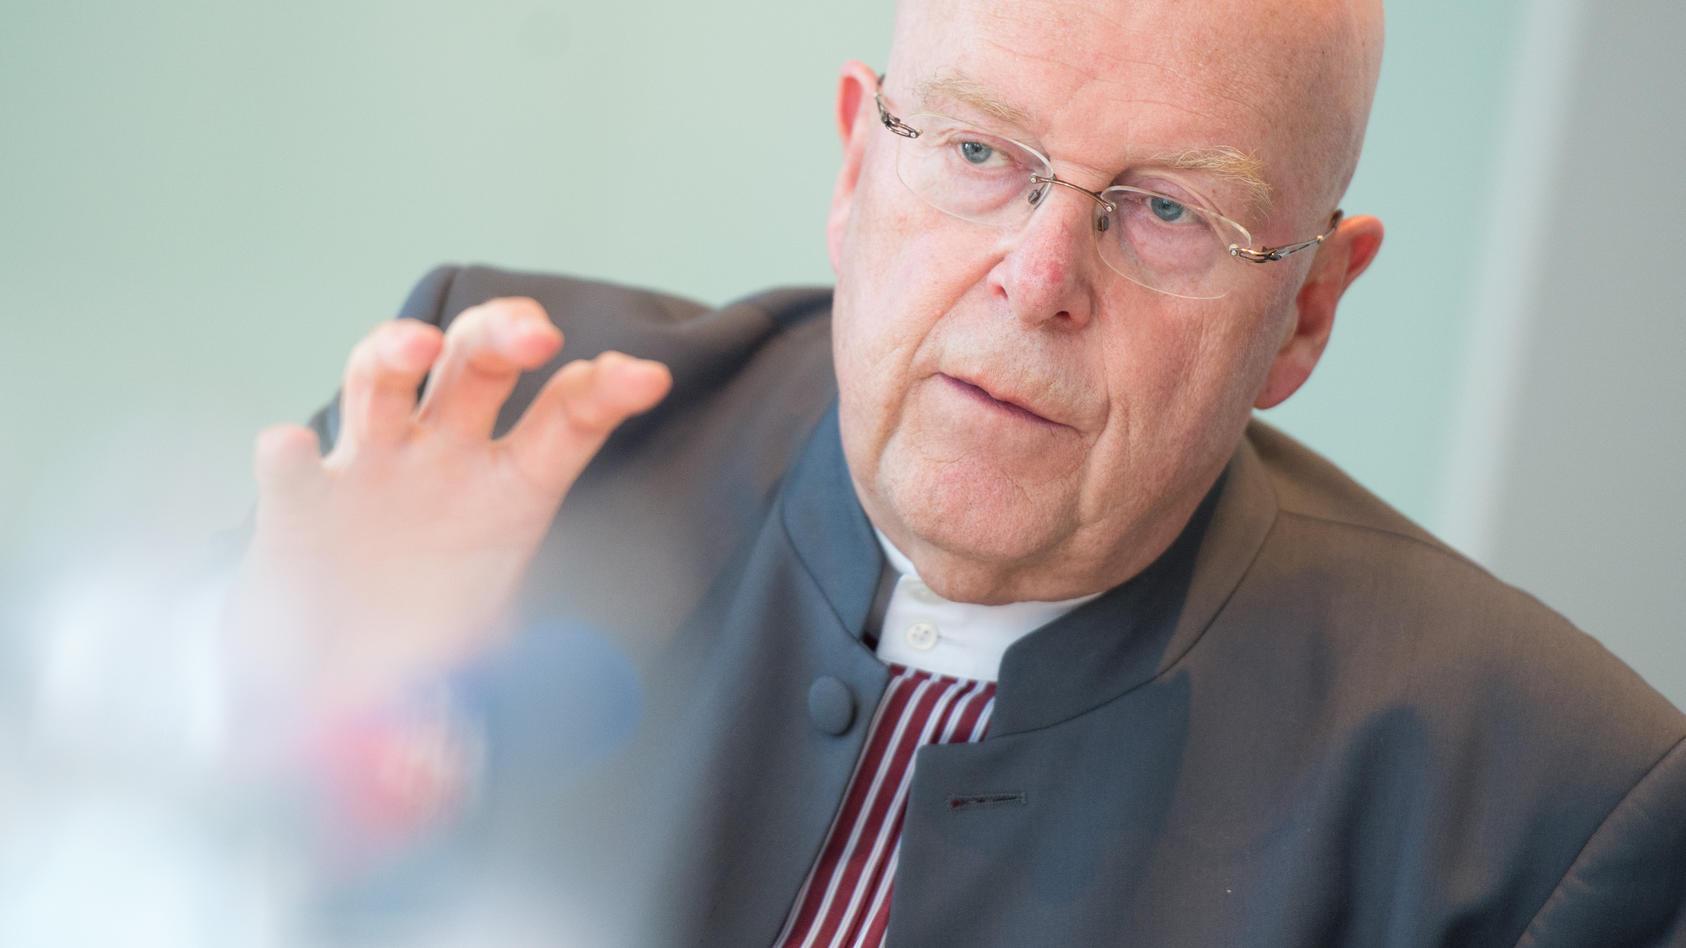 Der Hamburger Uni-Präsident Dieter Lenzen